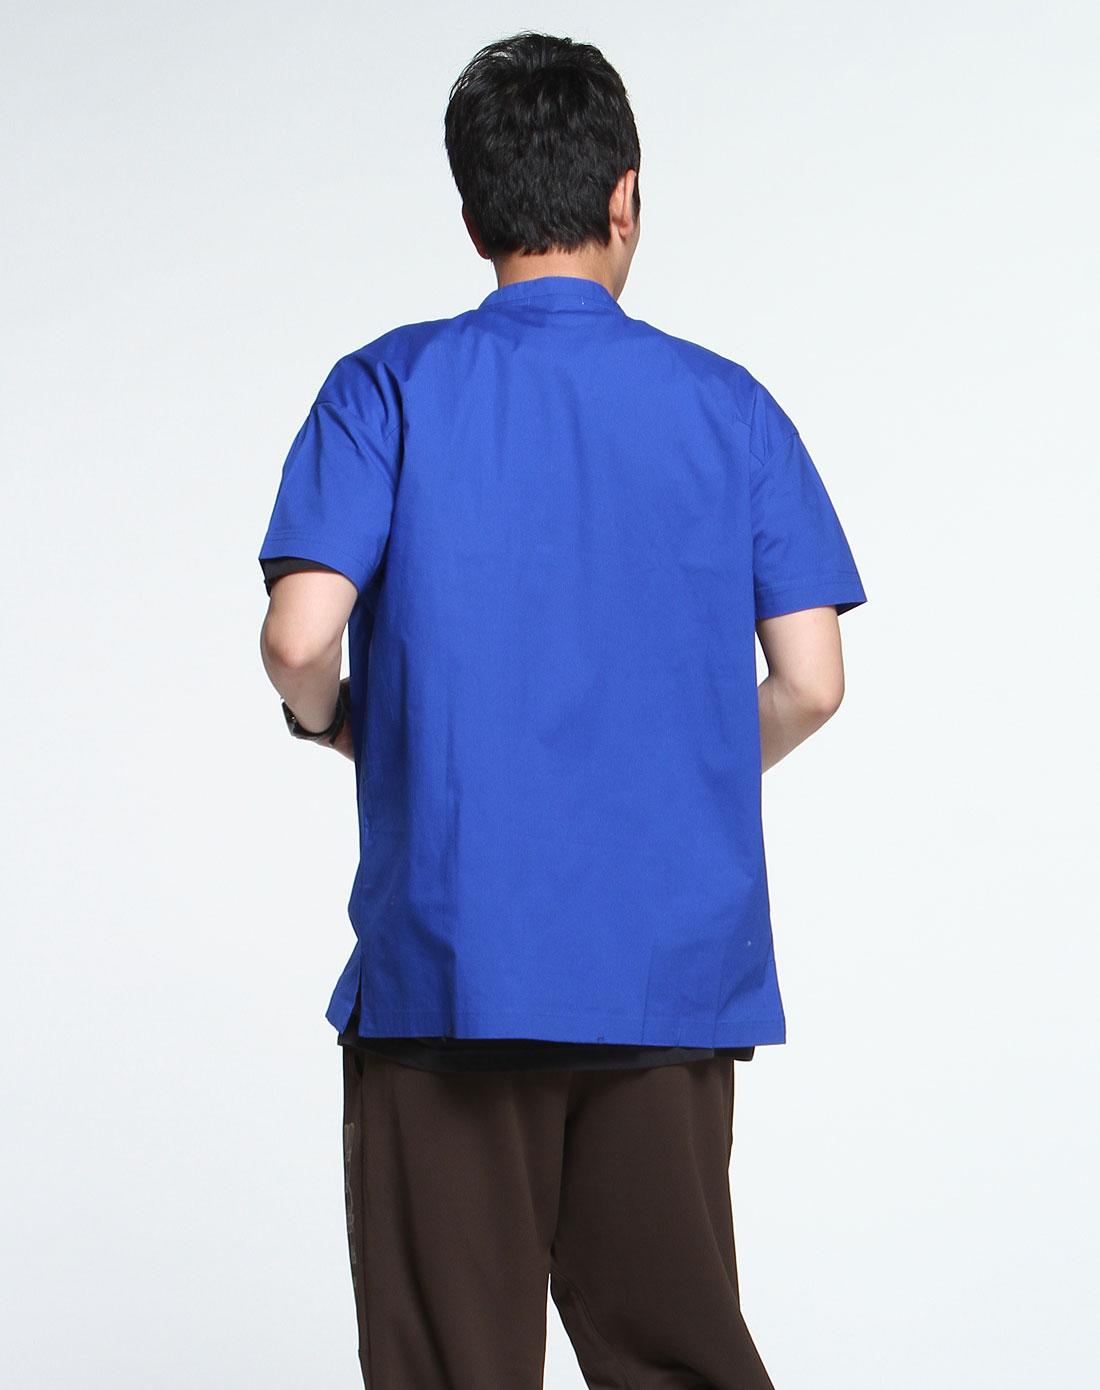 服_服装 工作服 制服 1100_1390 竖版 竖屏